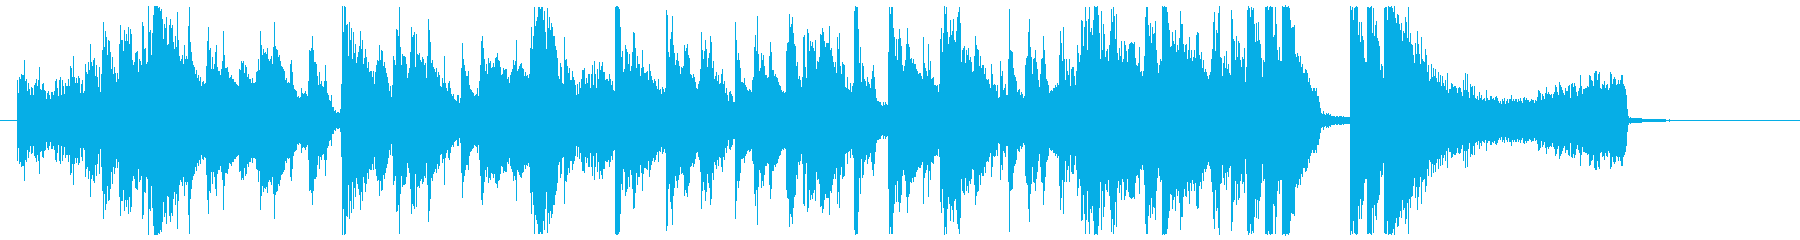 サルサで華やかにゲスト登場の再生済みの波形